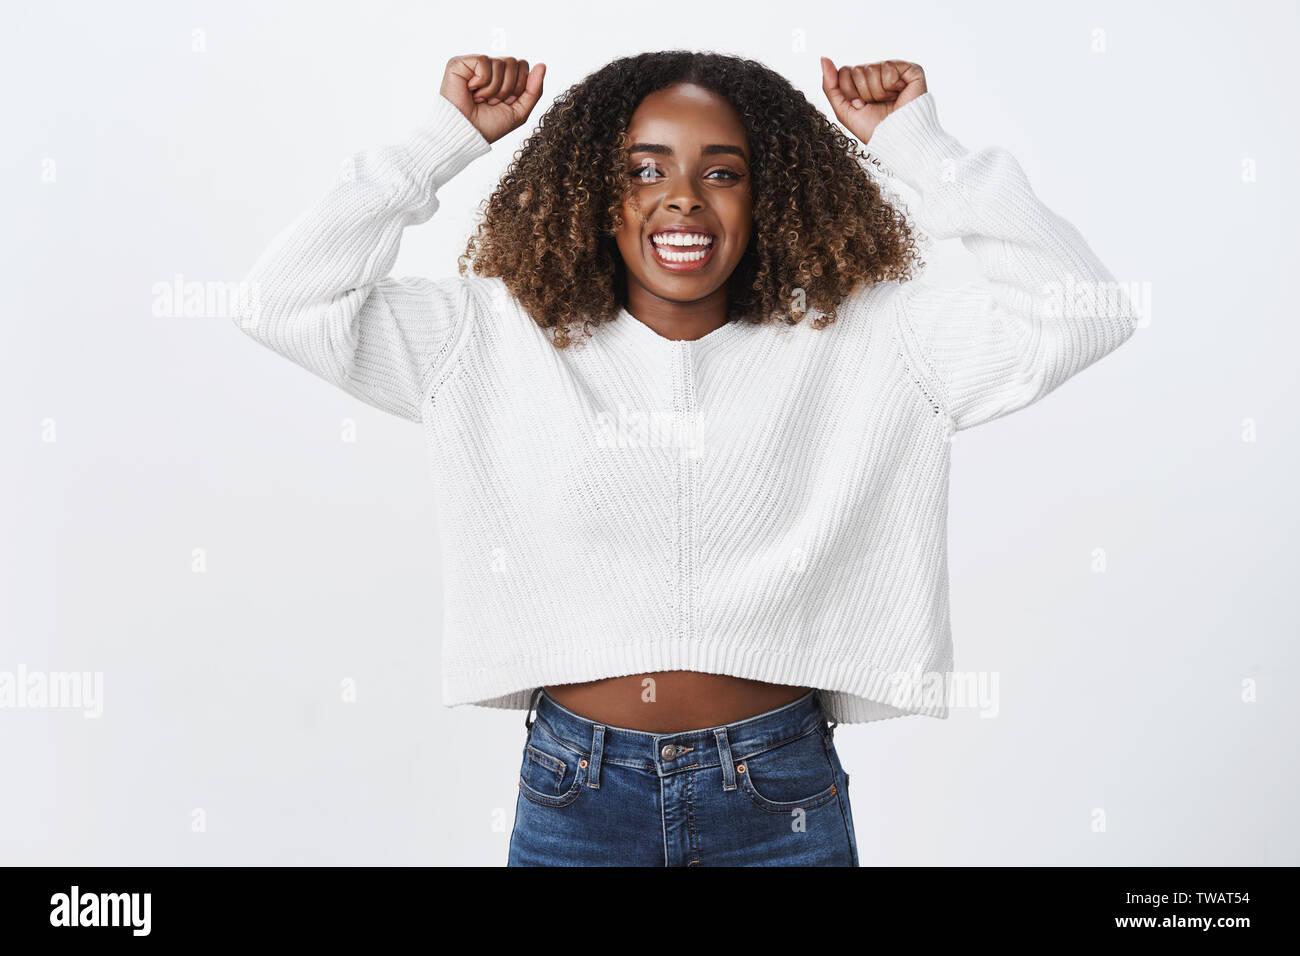 Hurra mantener. Retrato emocionado apoyo encantadora mujer afroamericana levantan las manos arriba cheer sonriente alentar amigo fan satisfecho objetivo Imagen De Stock